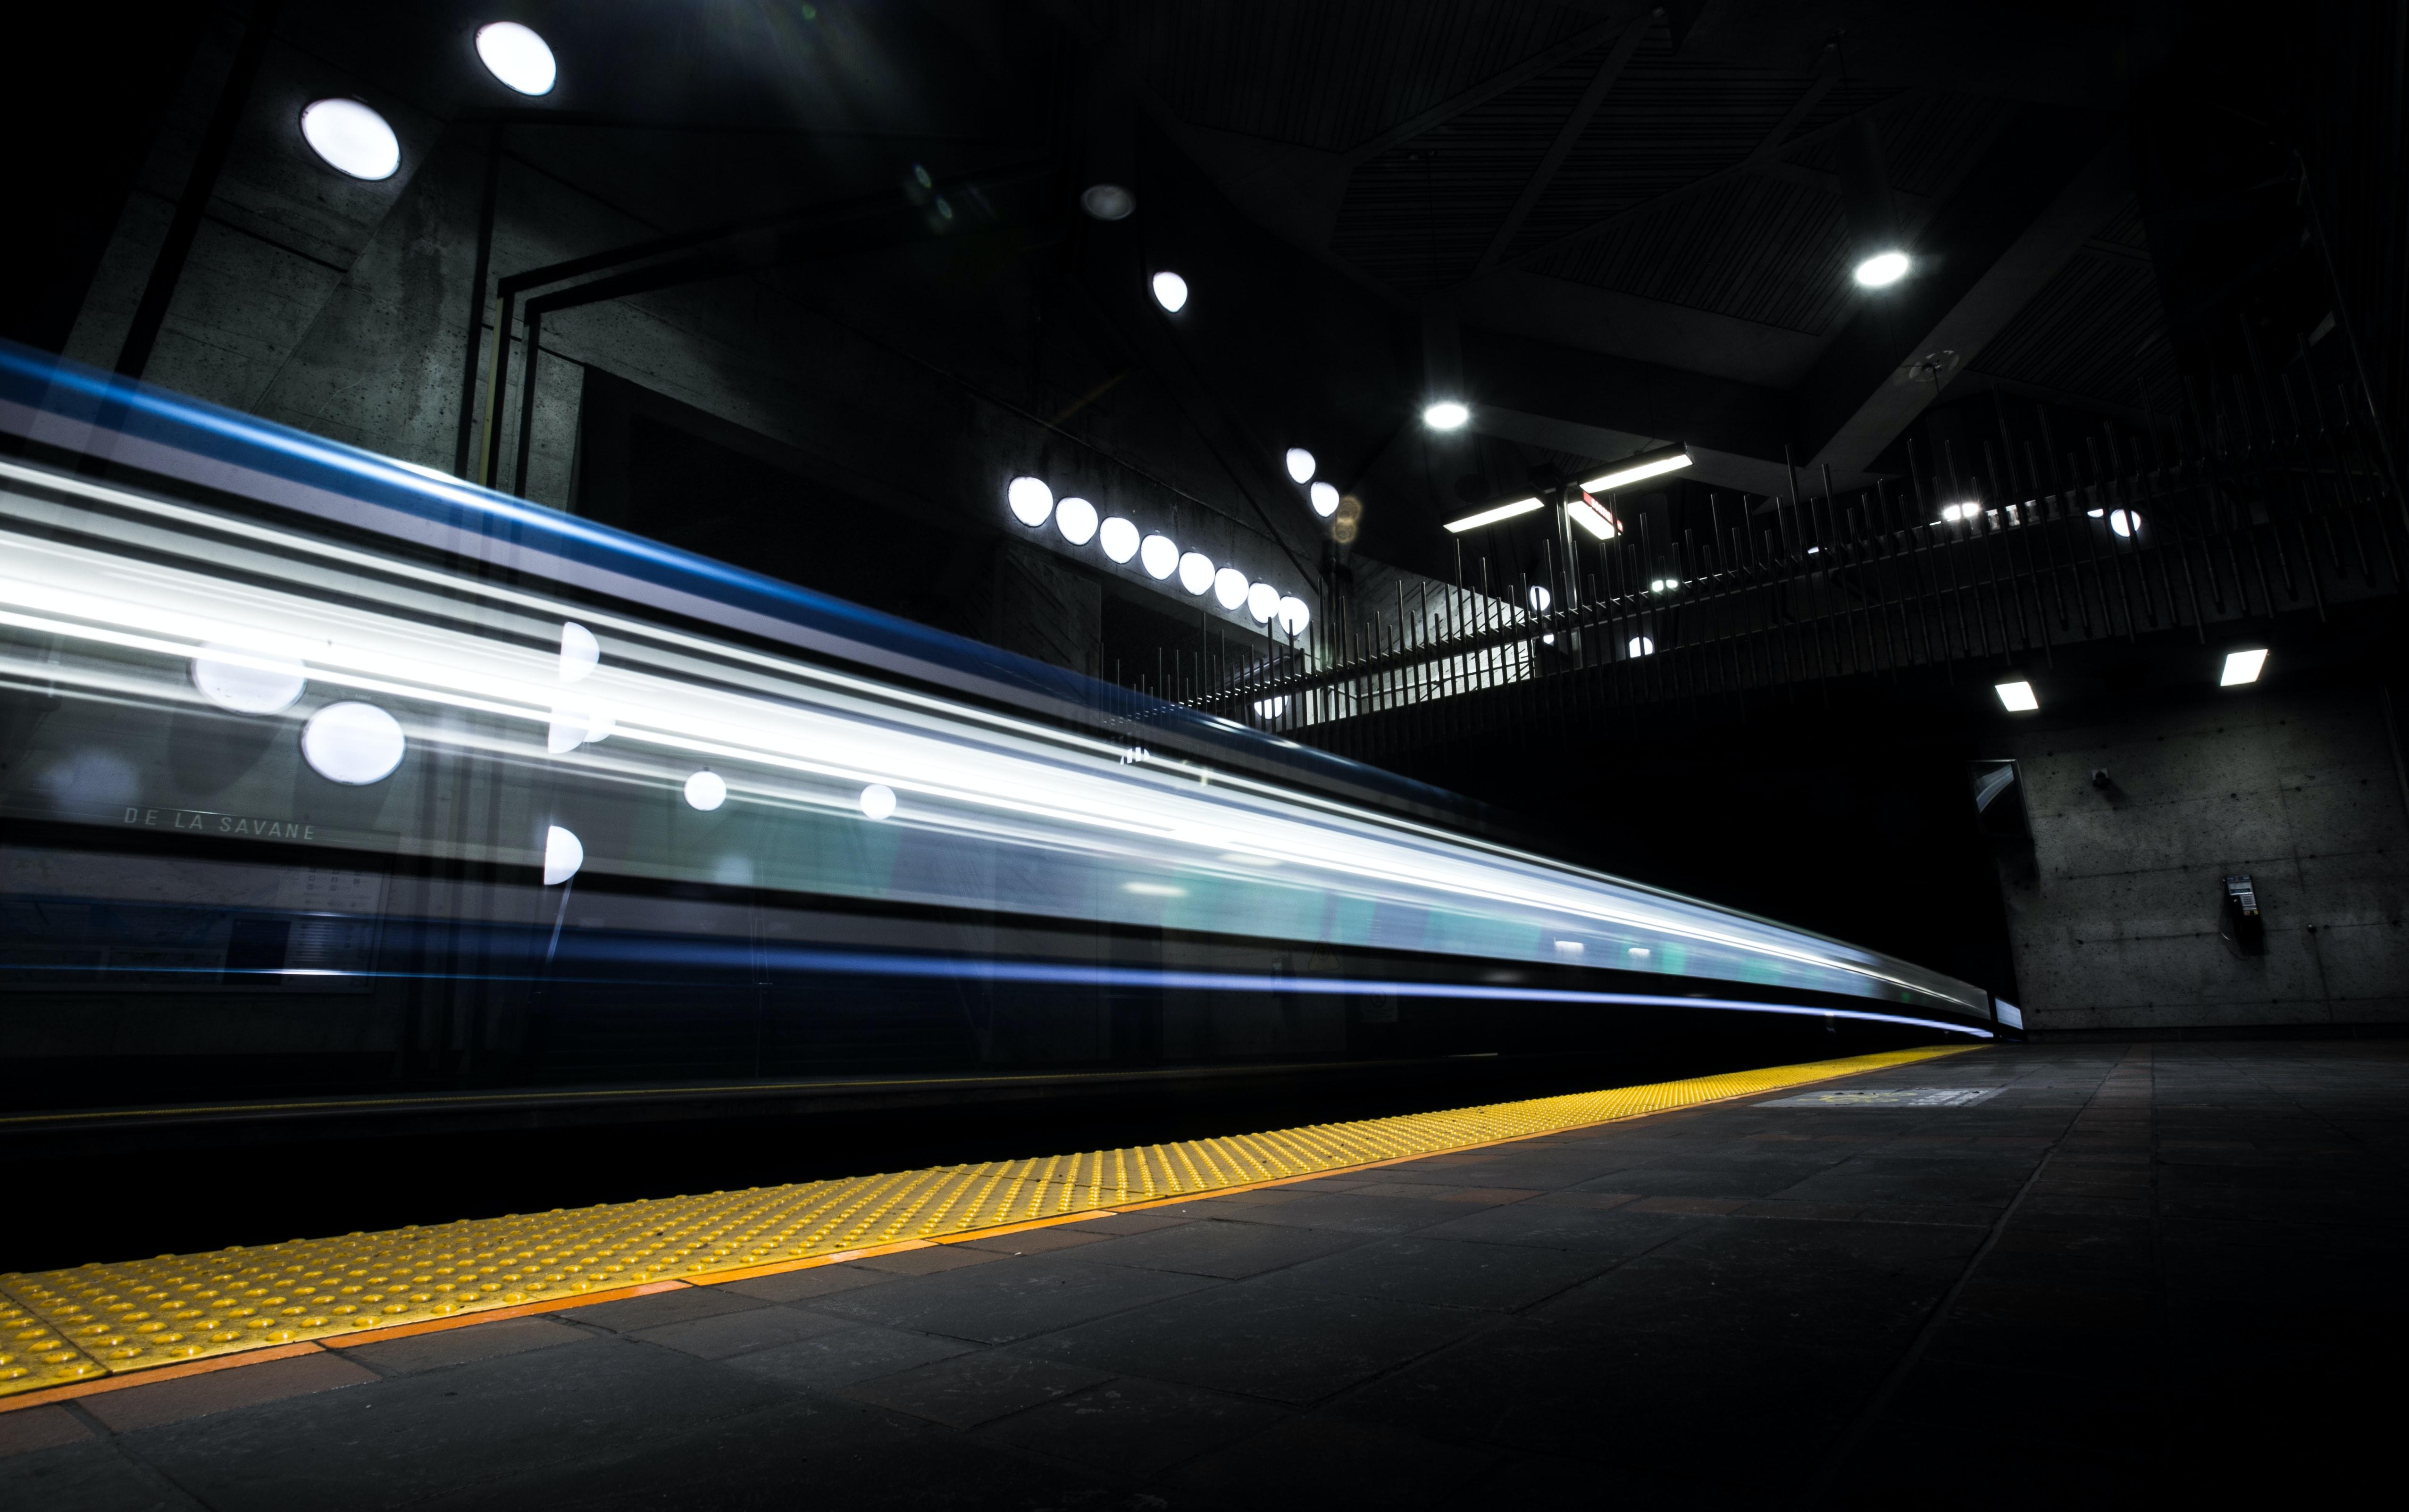 train digital